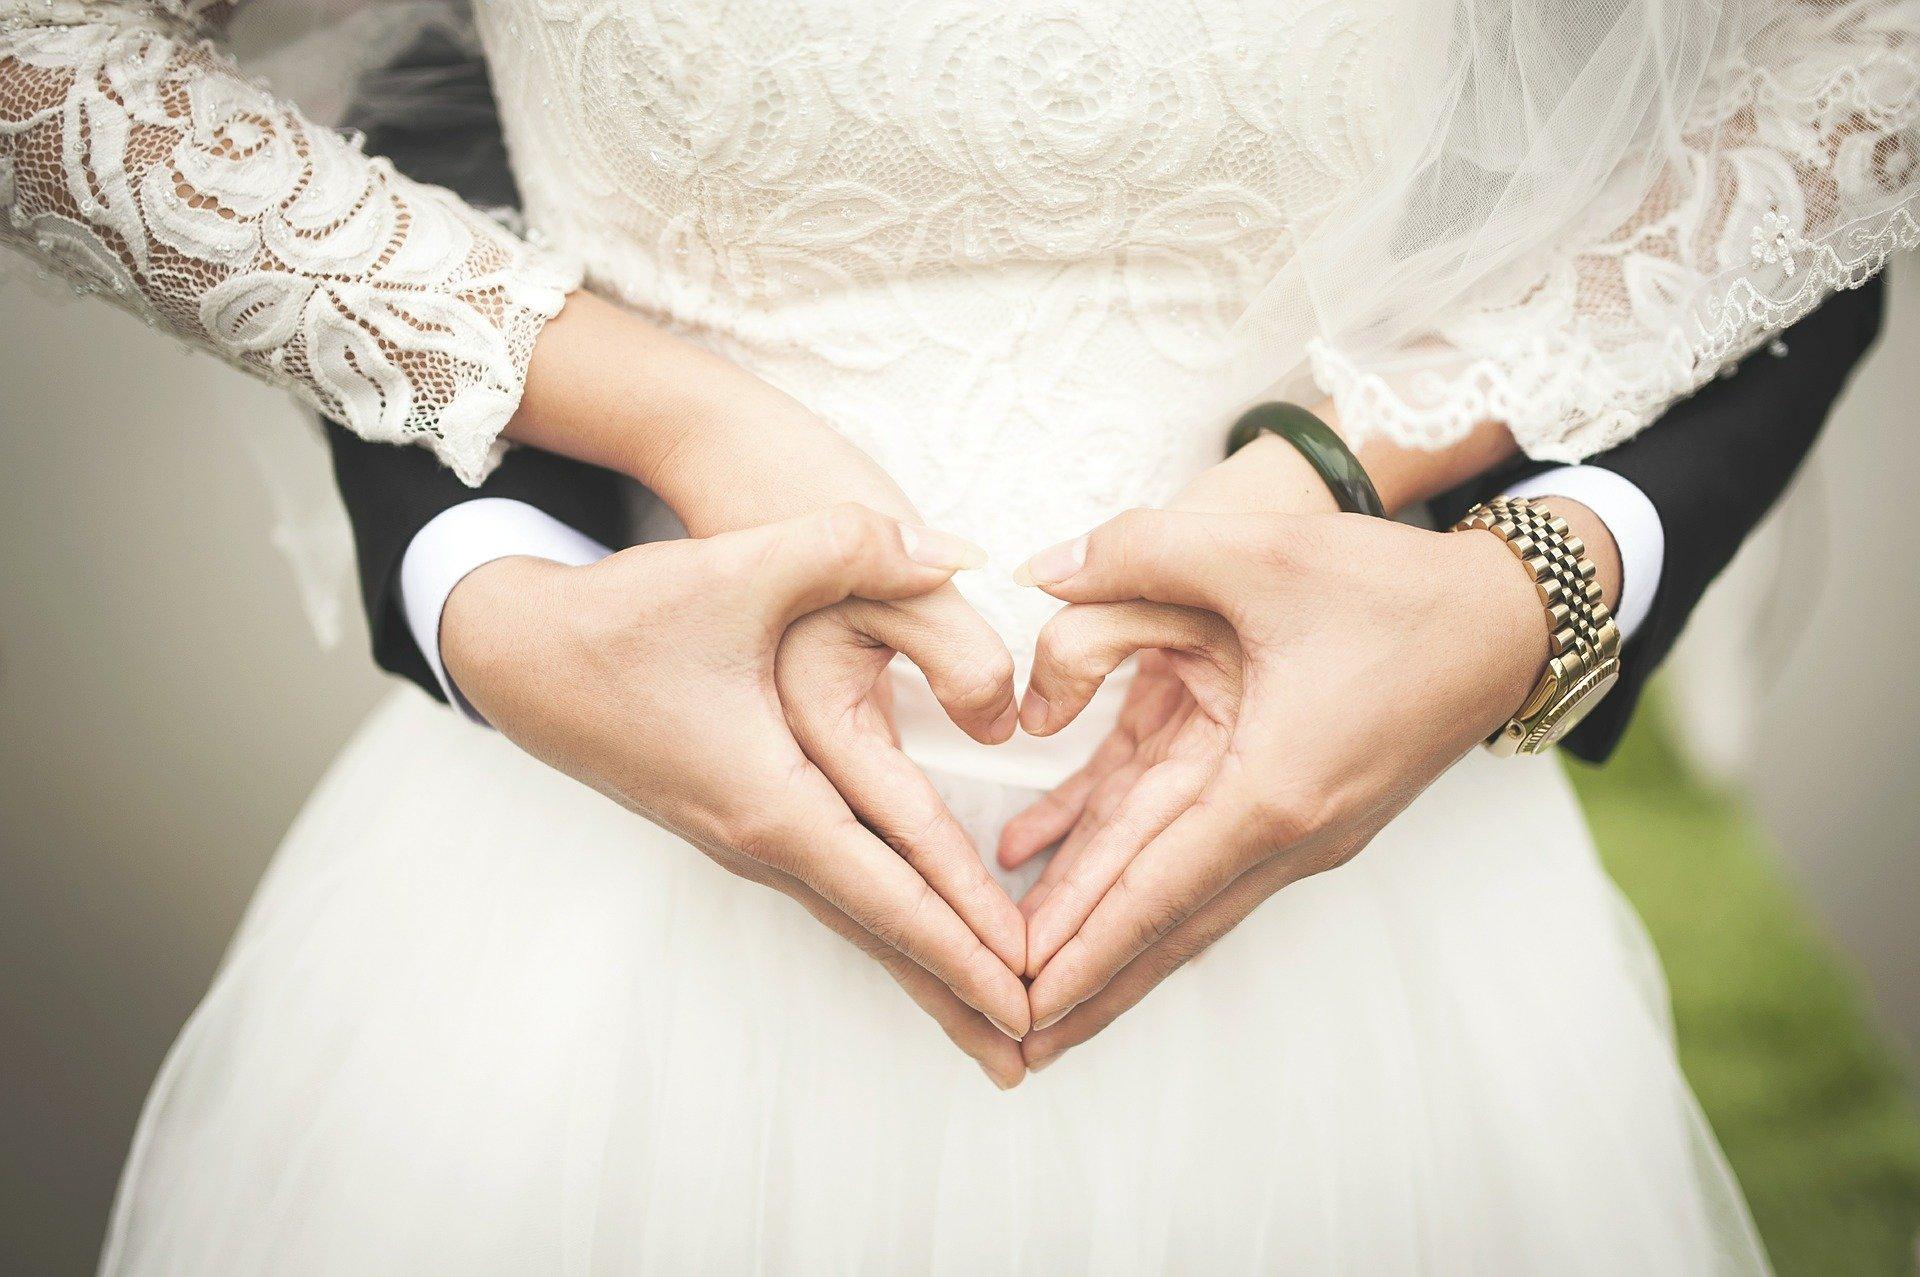 20 февраля в Крыму ожидается очередной «свадебный бум»